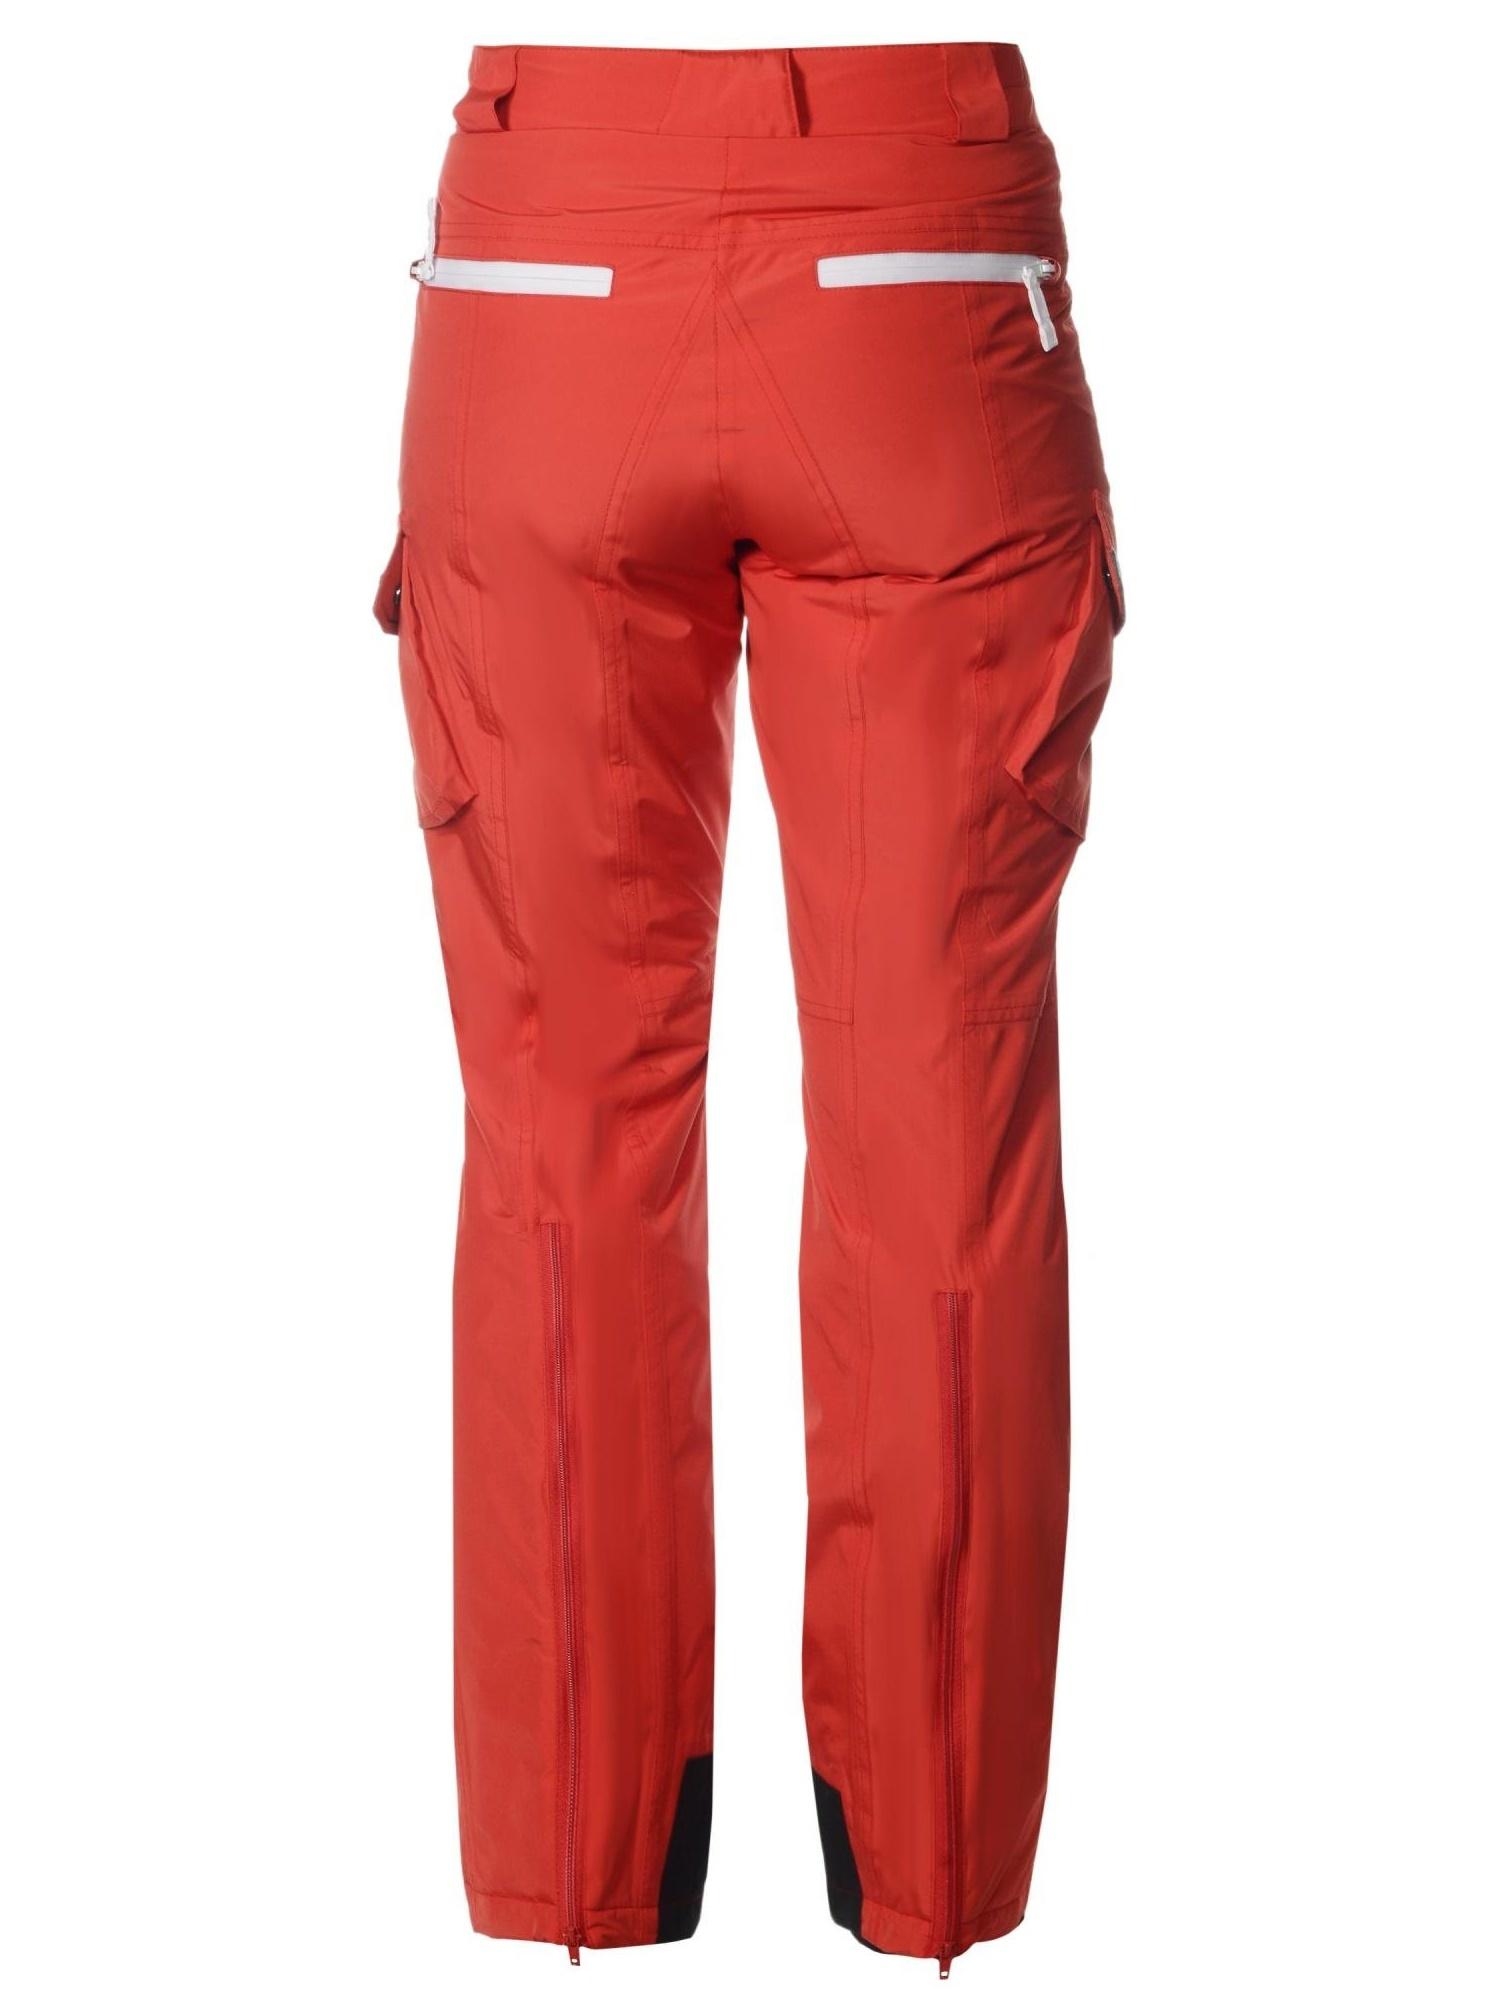 Женская горнолыжная одежда Almrausch от австрийского бренда